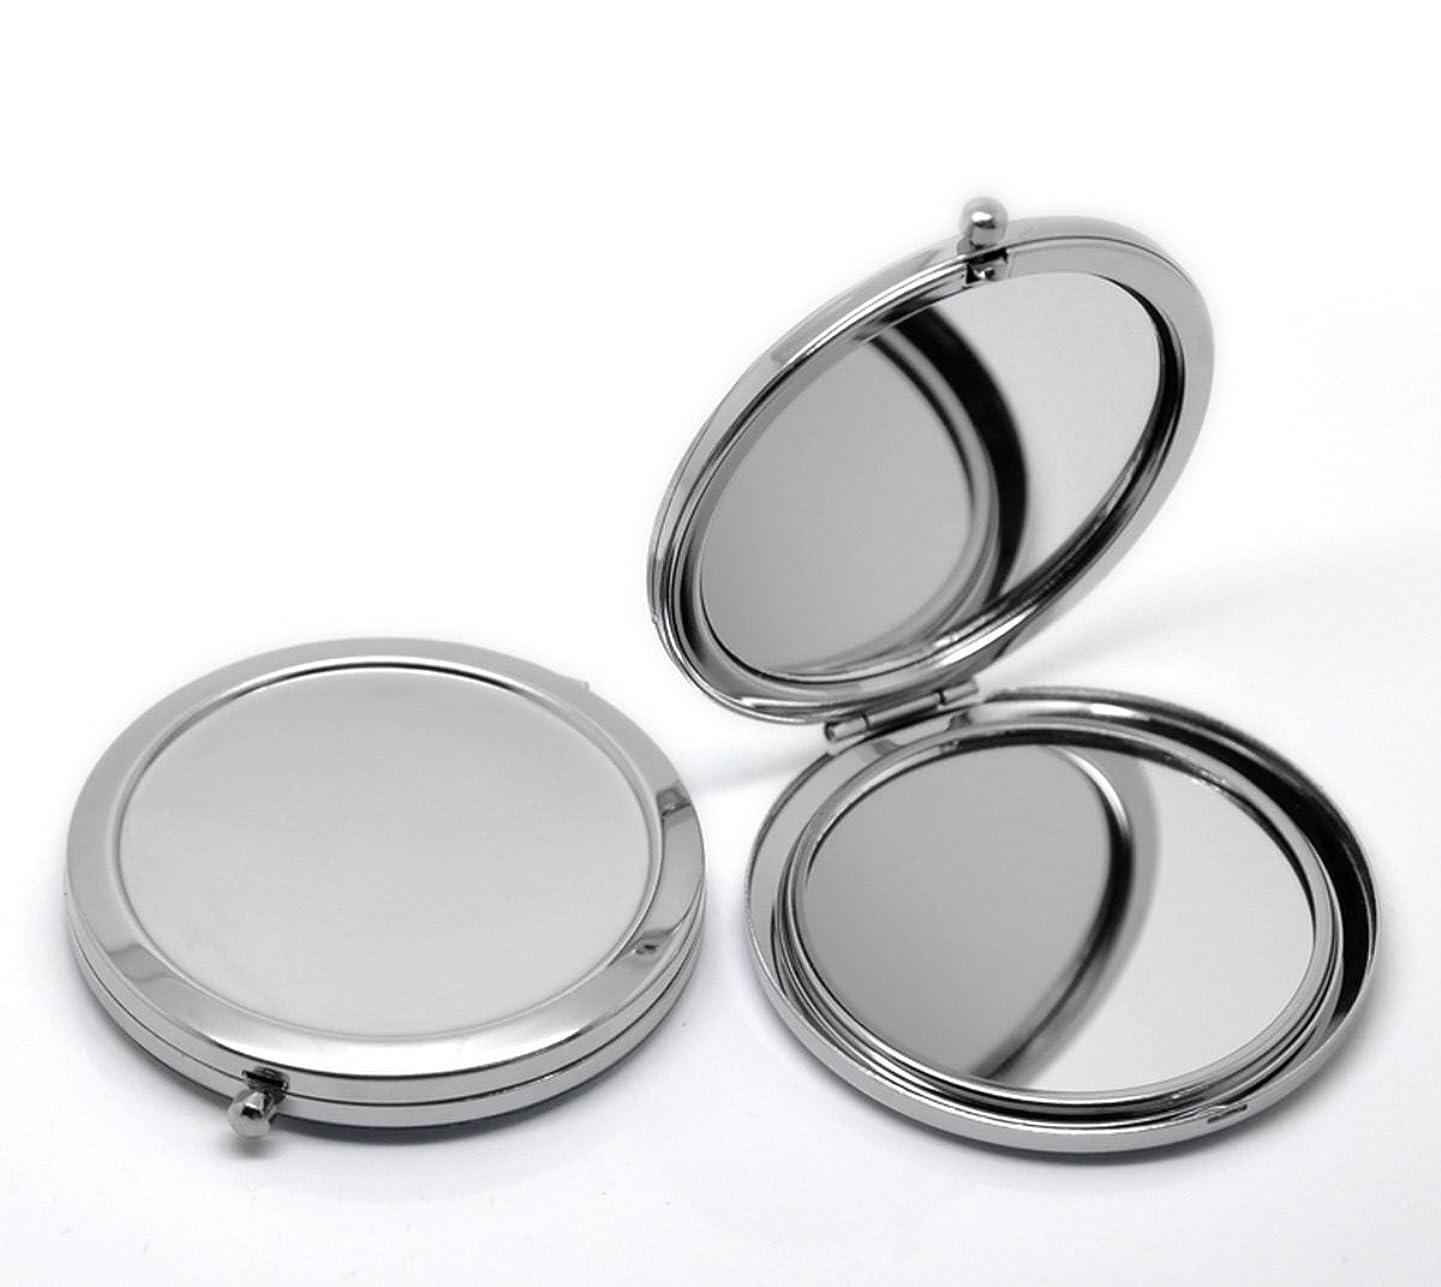 HOUSWEETY 無地コンパクトミラー プチ手鏡 ハンドミラー 携帯ミラー 丸型 化粧箱入り 折りたたみ おしゃれ レディース 小物 (デザインA)